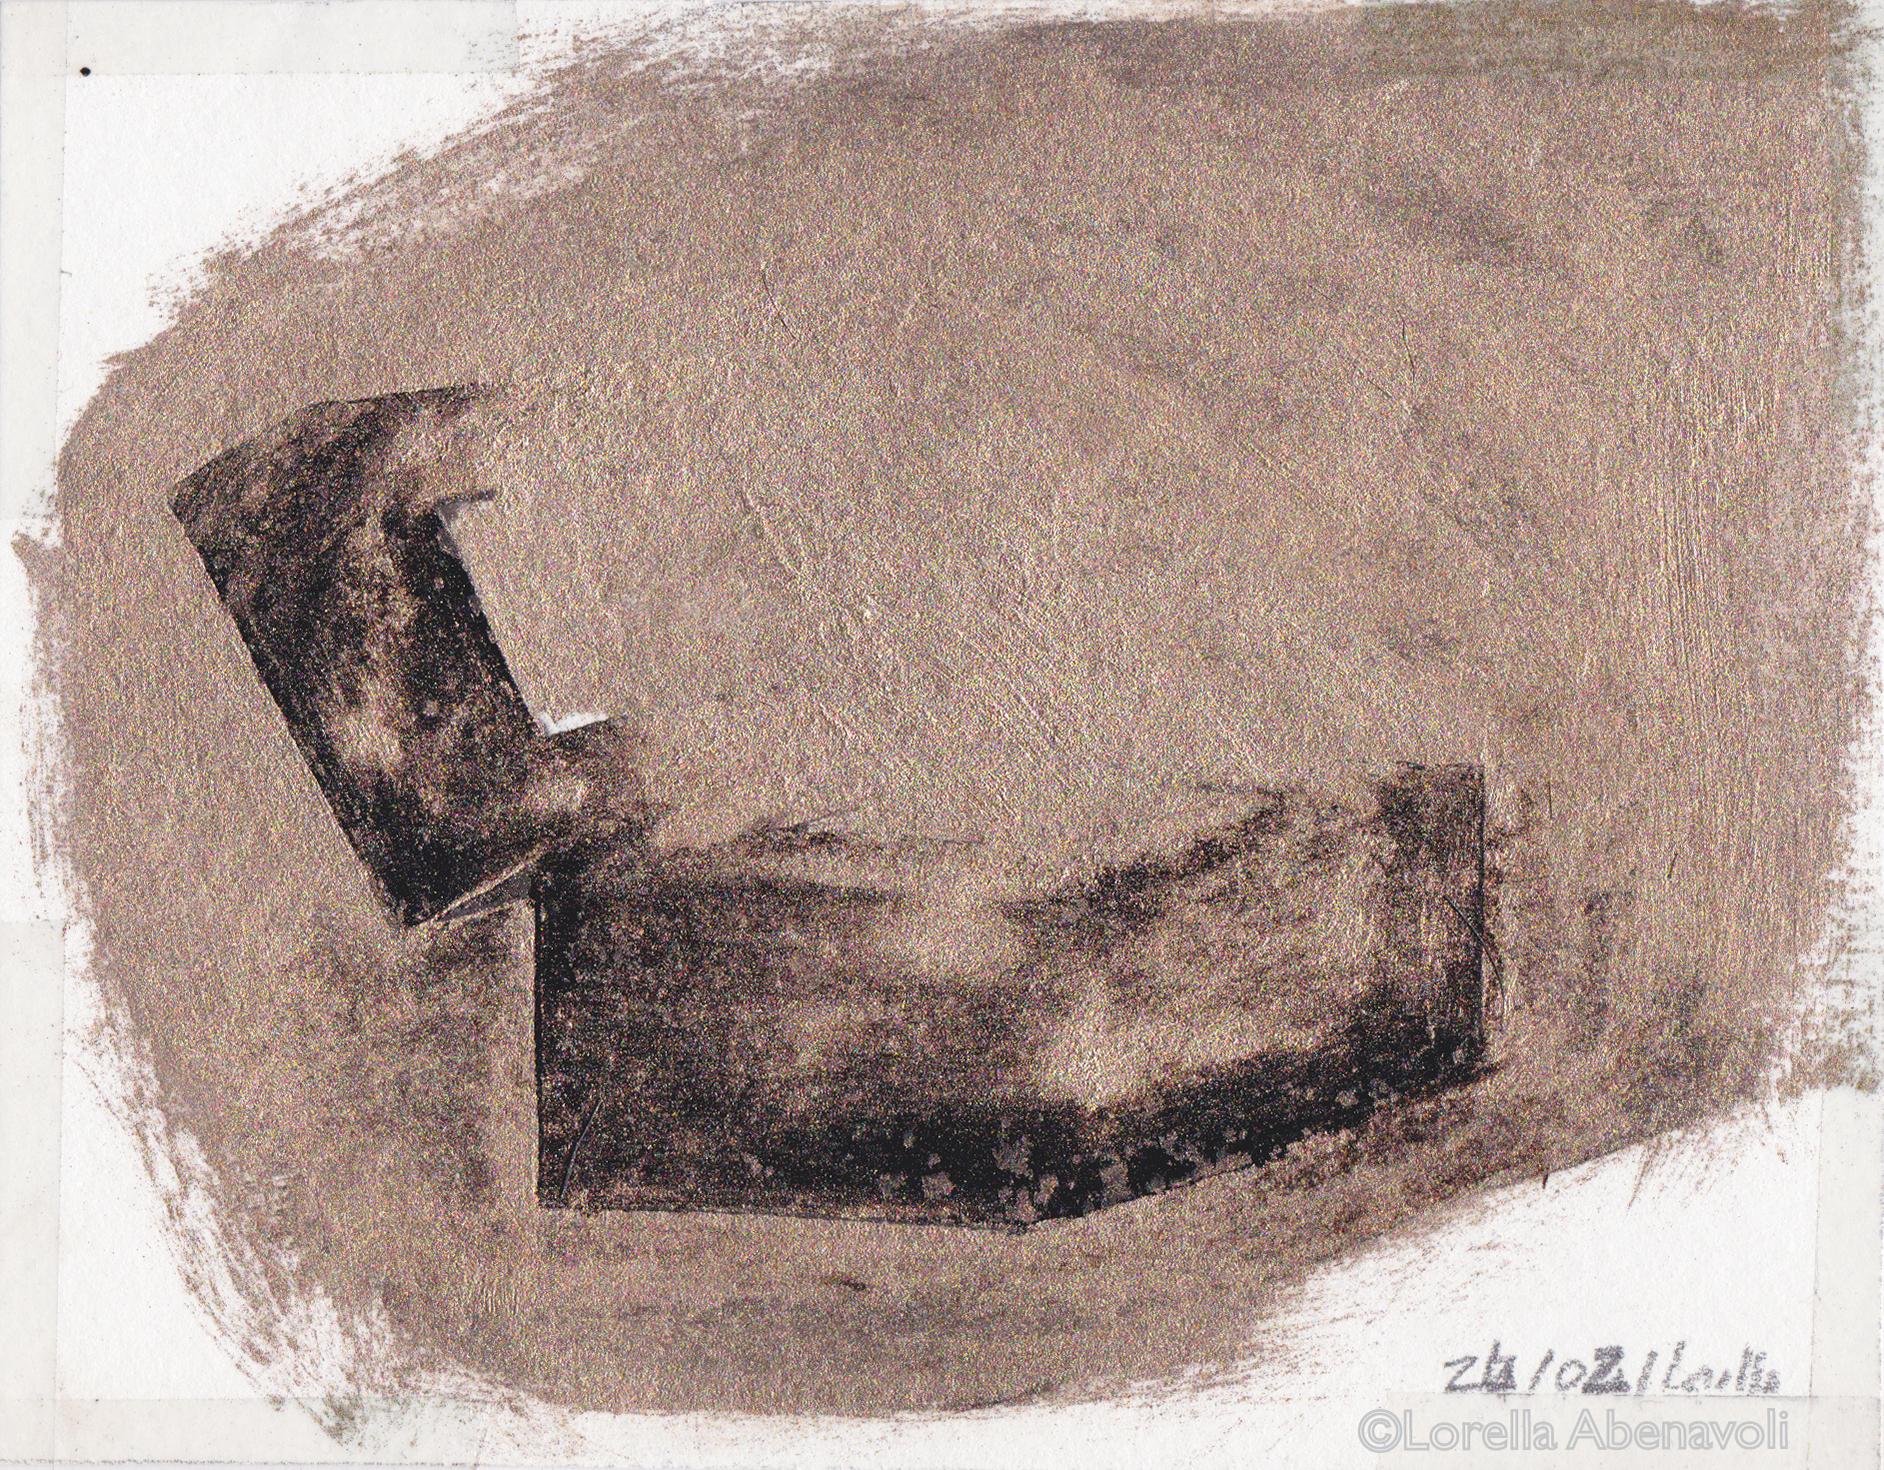 Boîte de Pandore, esquisse préparatoire, Lorella Abenavoli. Goudron et pigment poudre de laiton, 2002